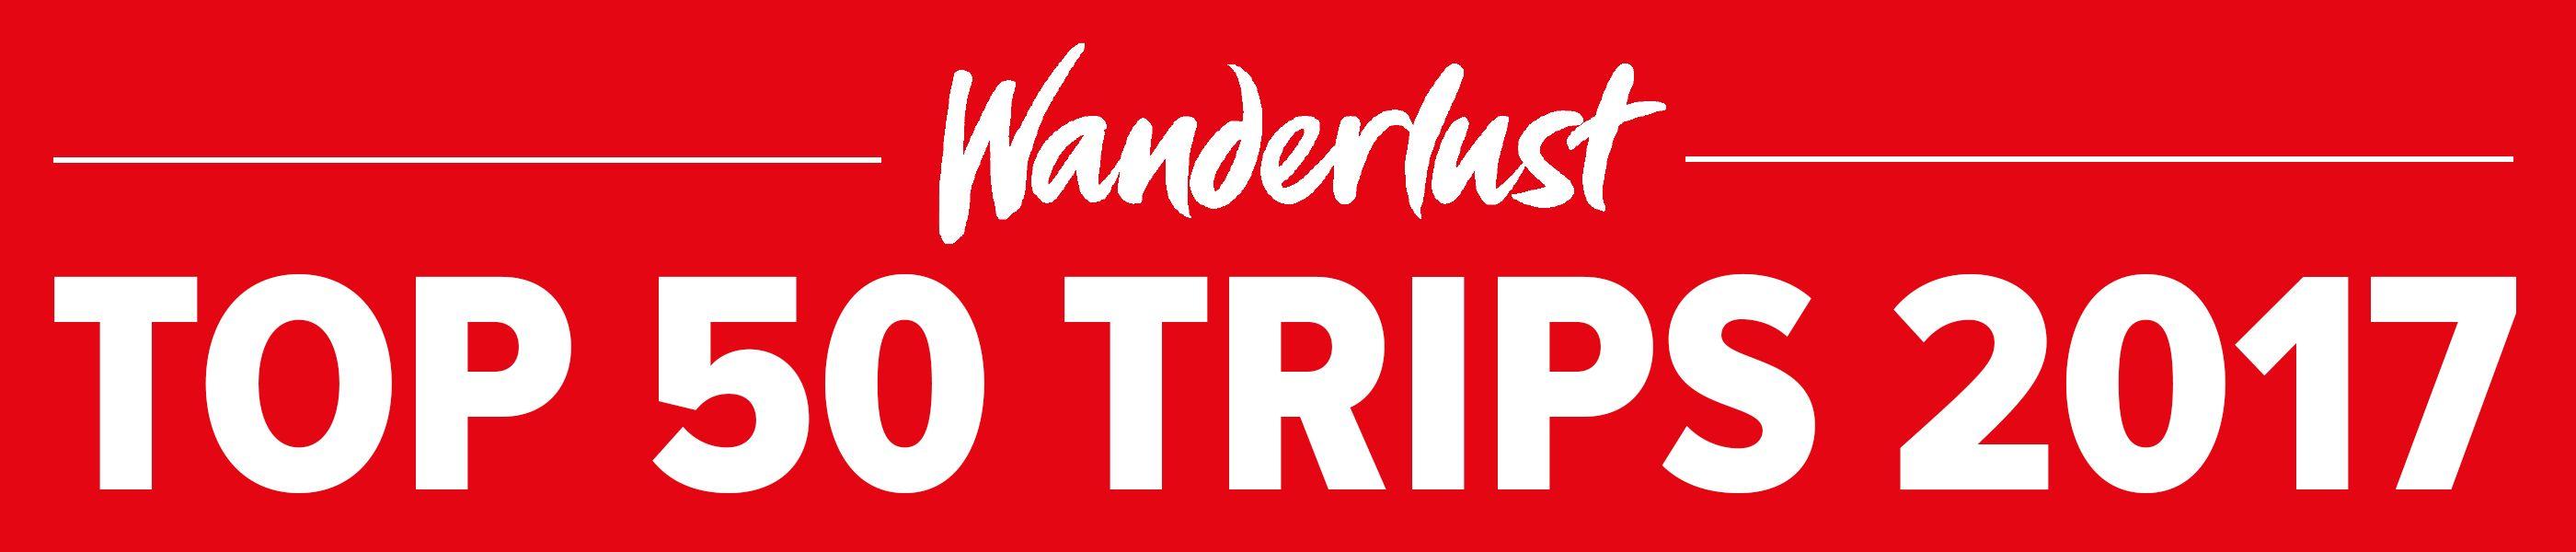 Wanderlust Top 50 trips 2017